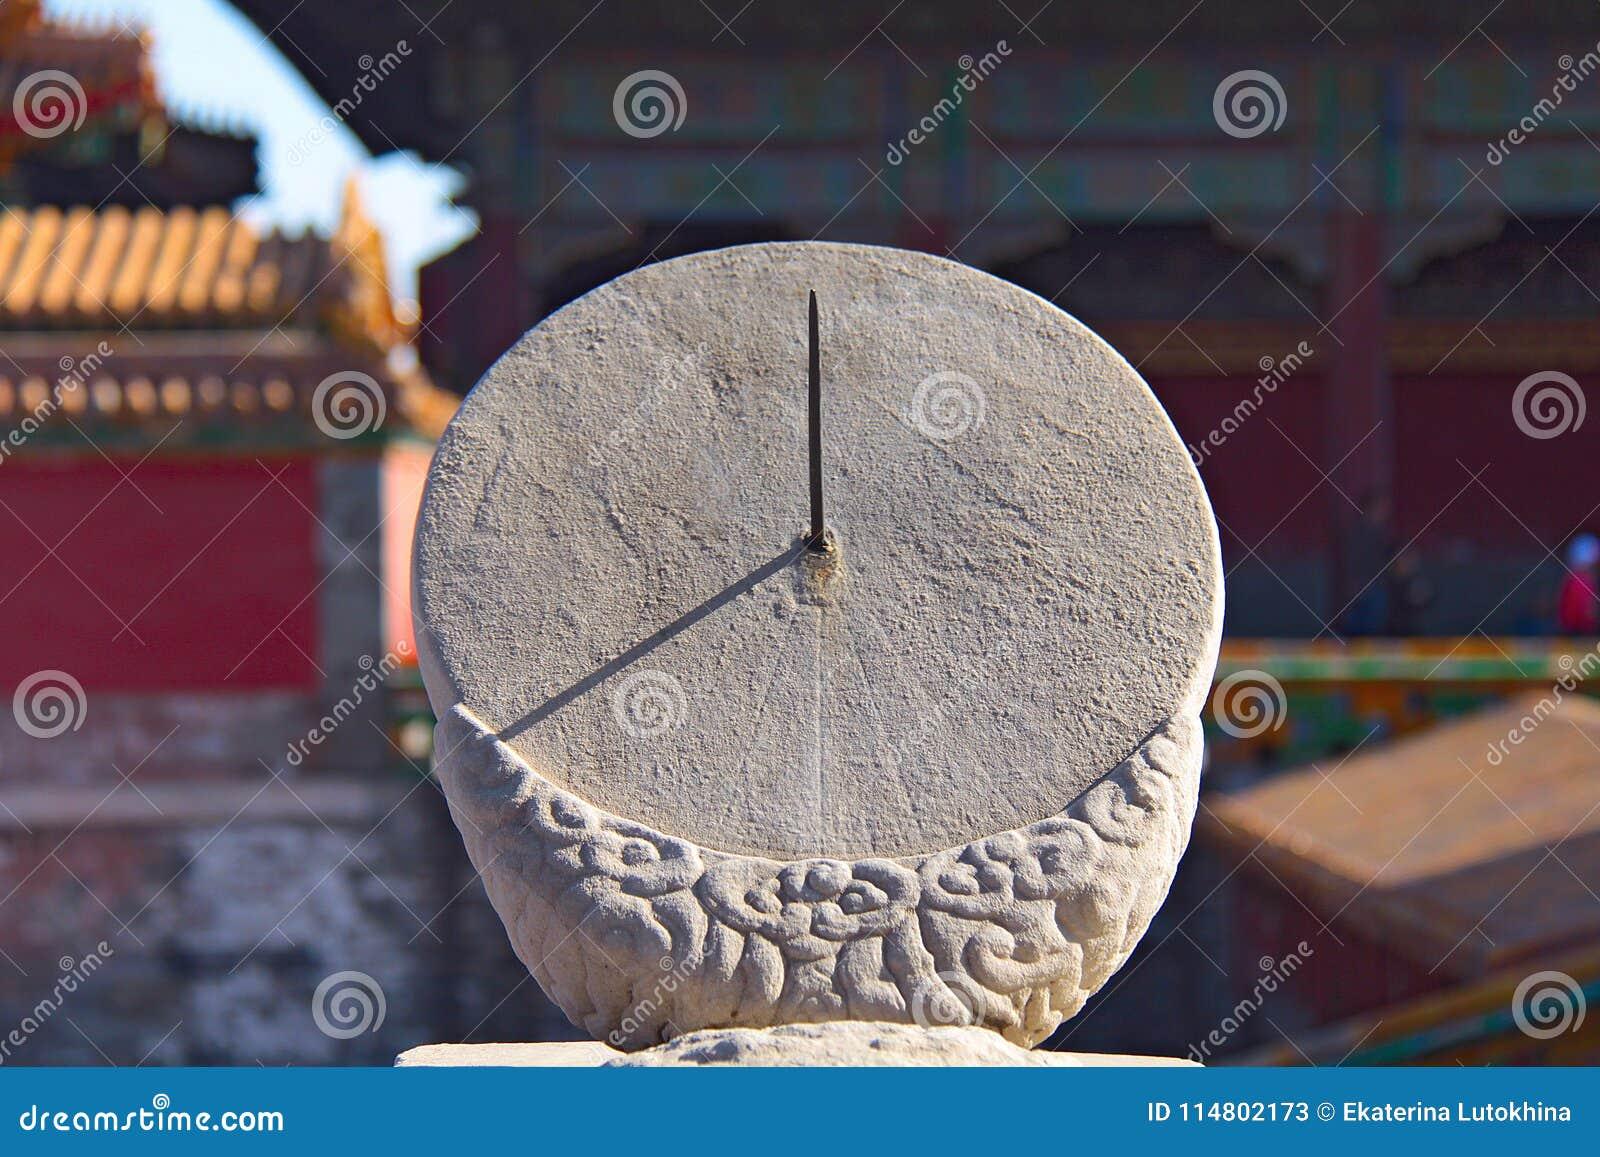 Старые солнечные часы в запретном городе - Пекин, Китай